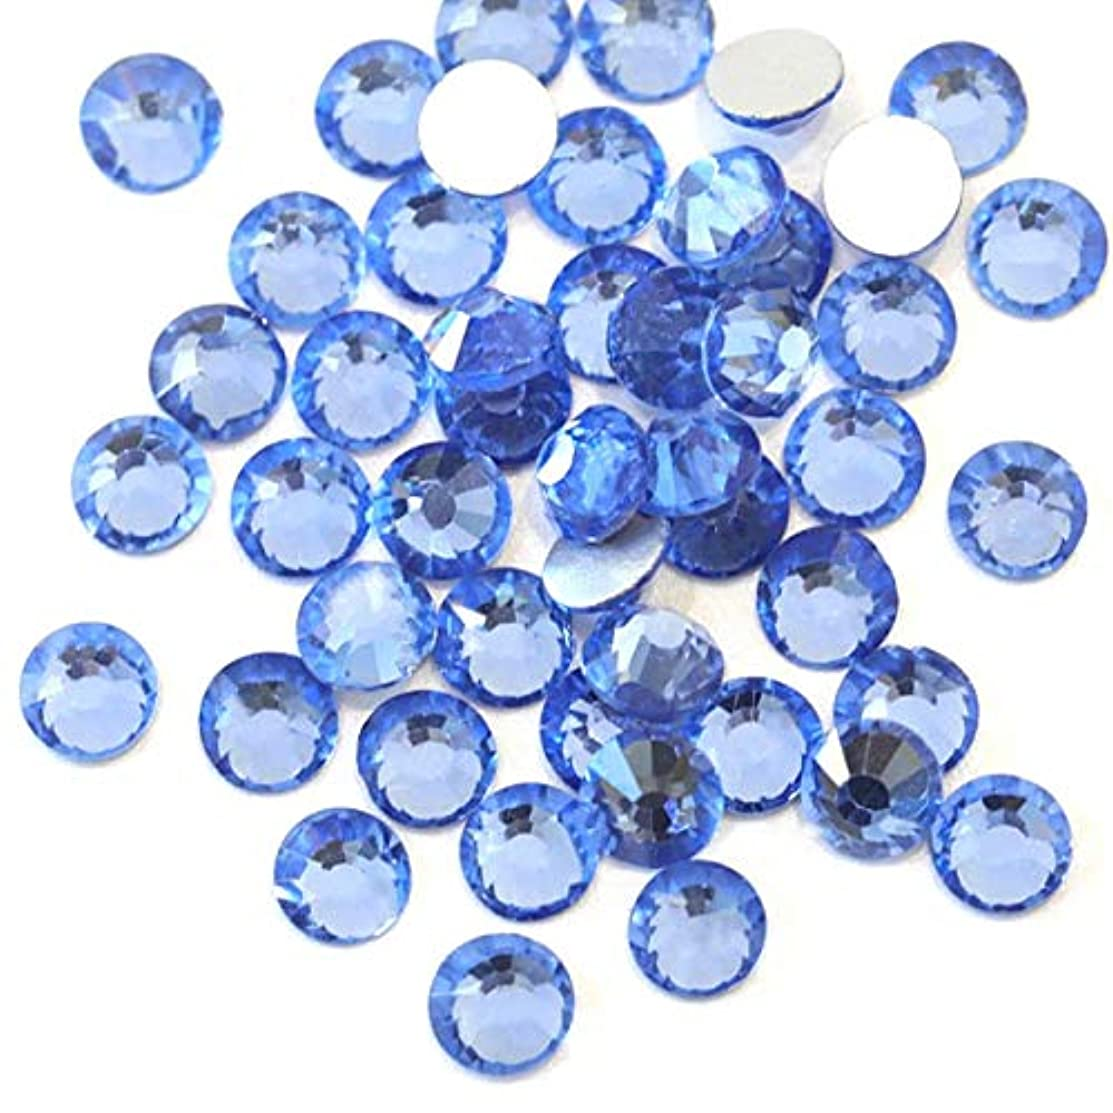 キャビン挽く修士号【ラインストーン77】高品質ガラス製ラインストーン ライトサファイア(6.3mm (SS30) 約45粒)